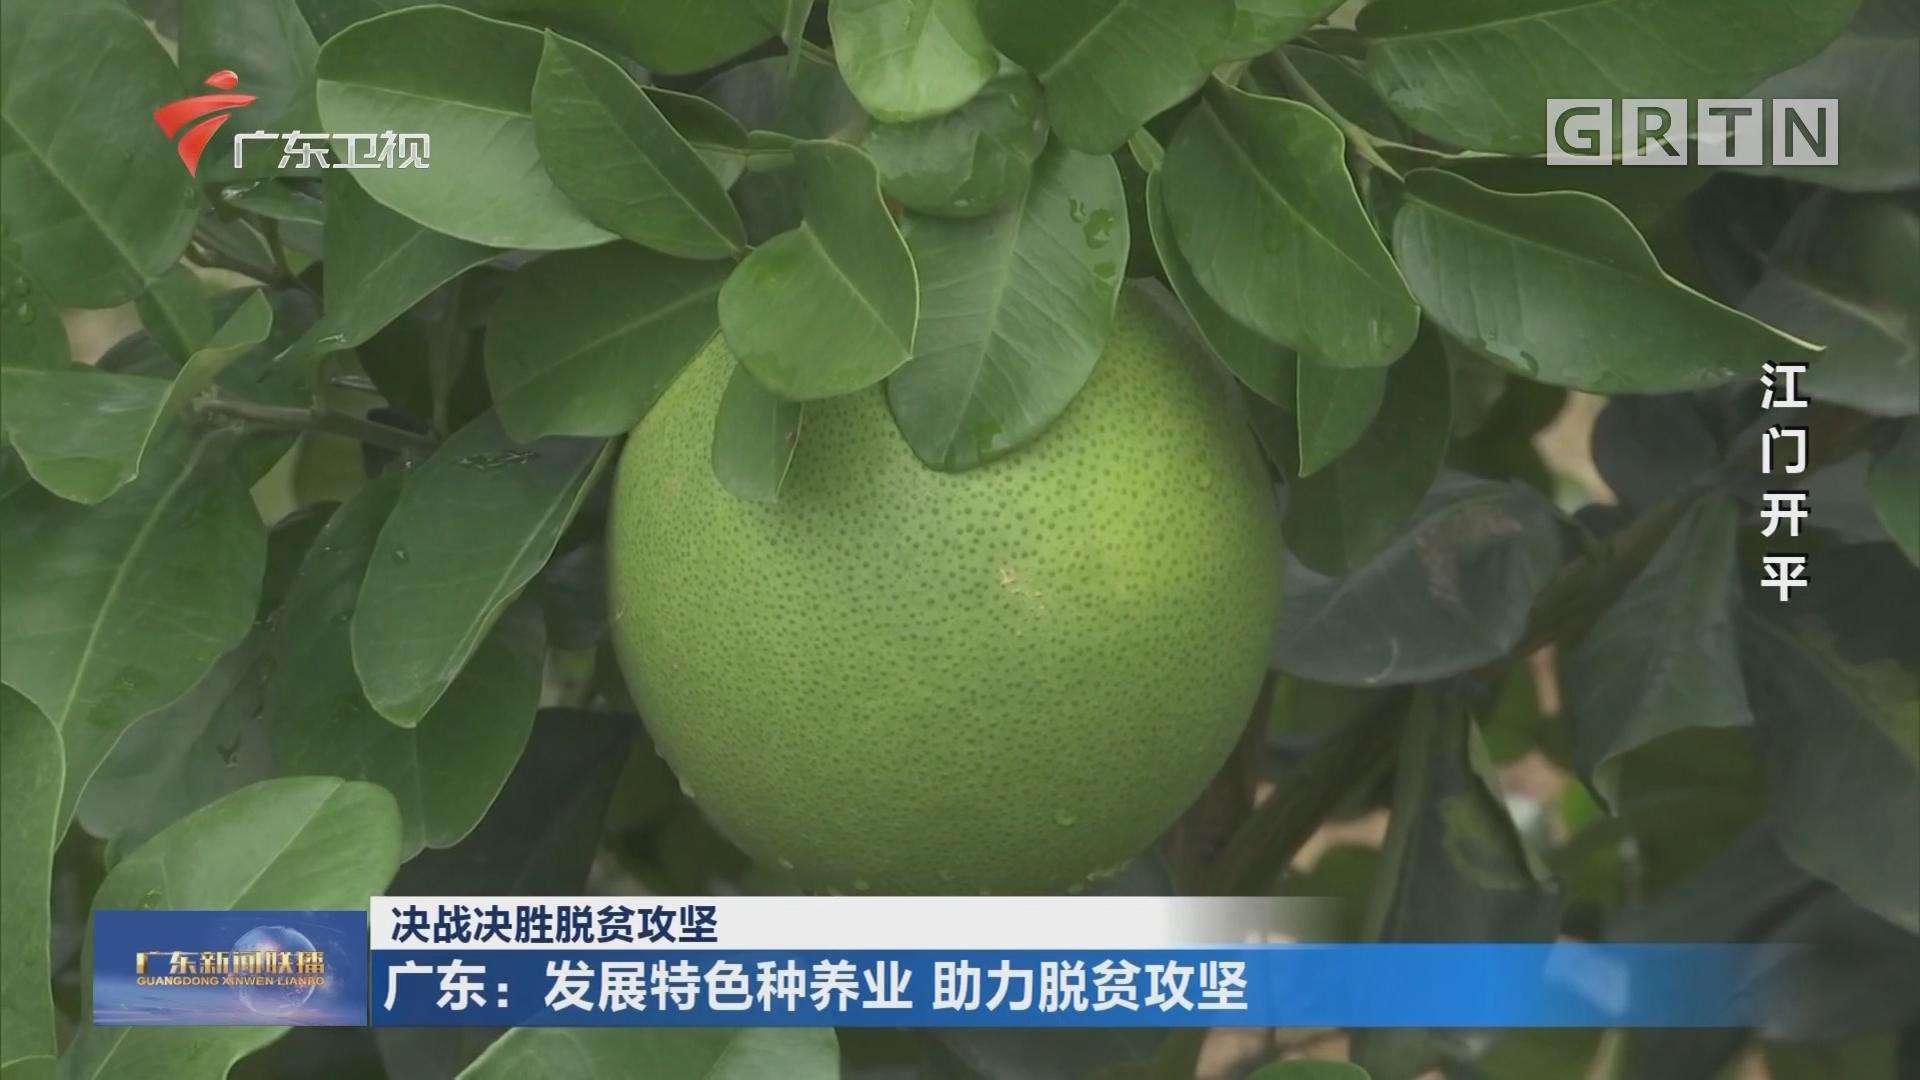 广东:发展特色种养业 助力脱贫攻坚